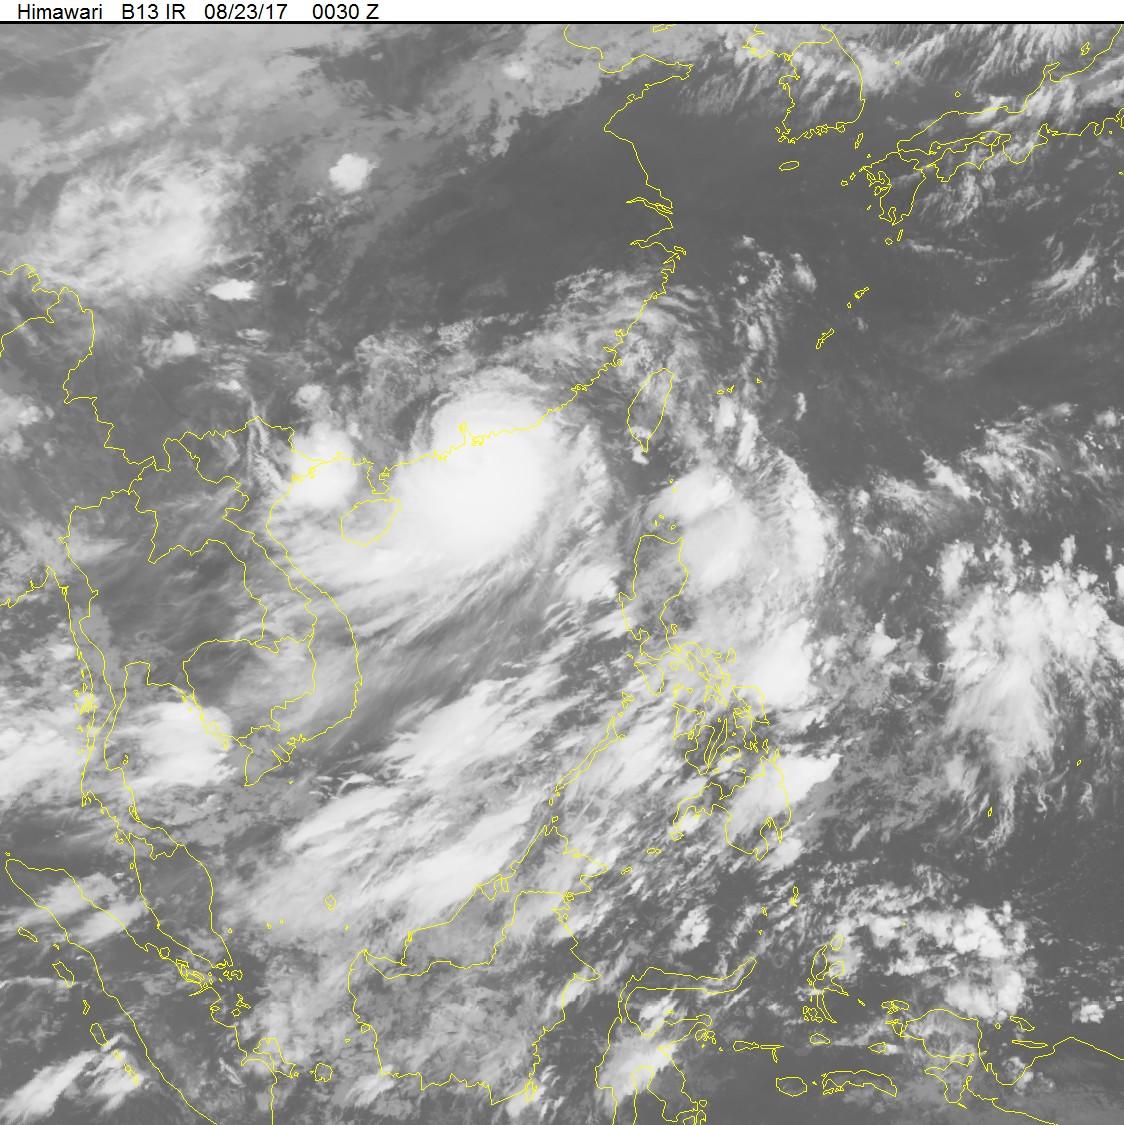 Từ chiều nay, bão số 6 sẽ gây ảnh hướng đến vùng biển phía Bắc nước ta. Ảnh: TTDBKTTVTW